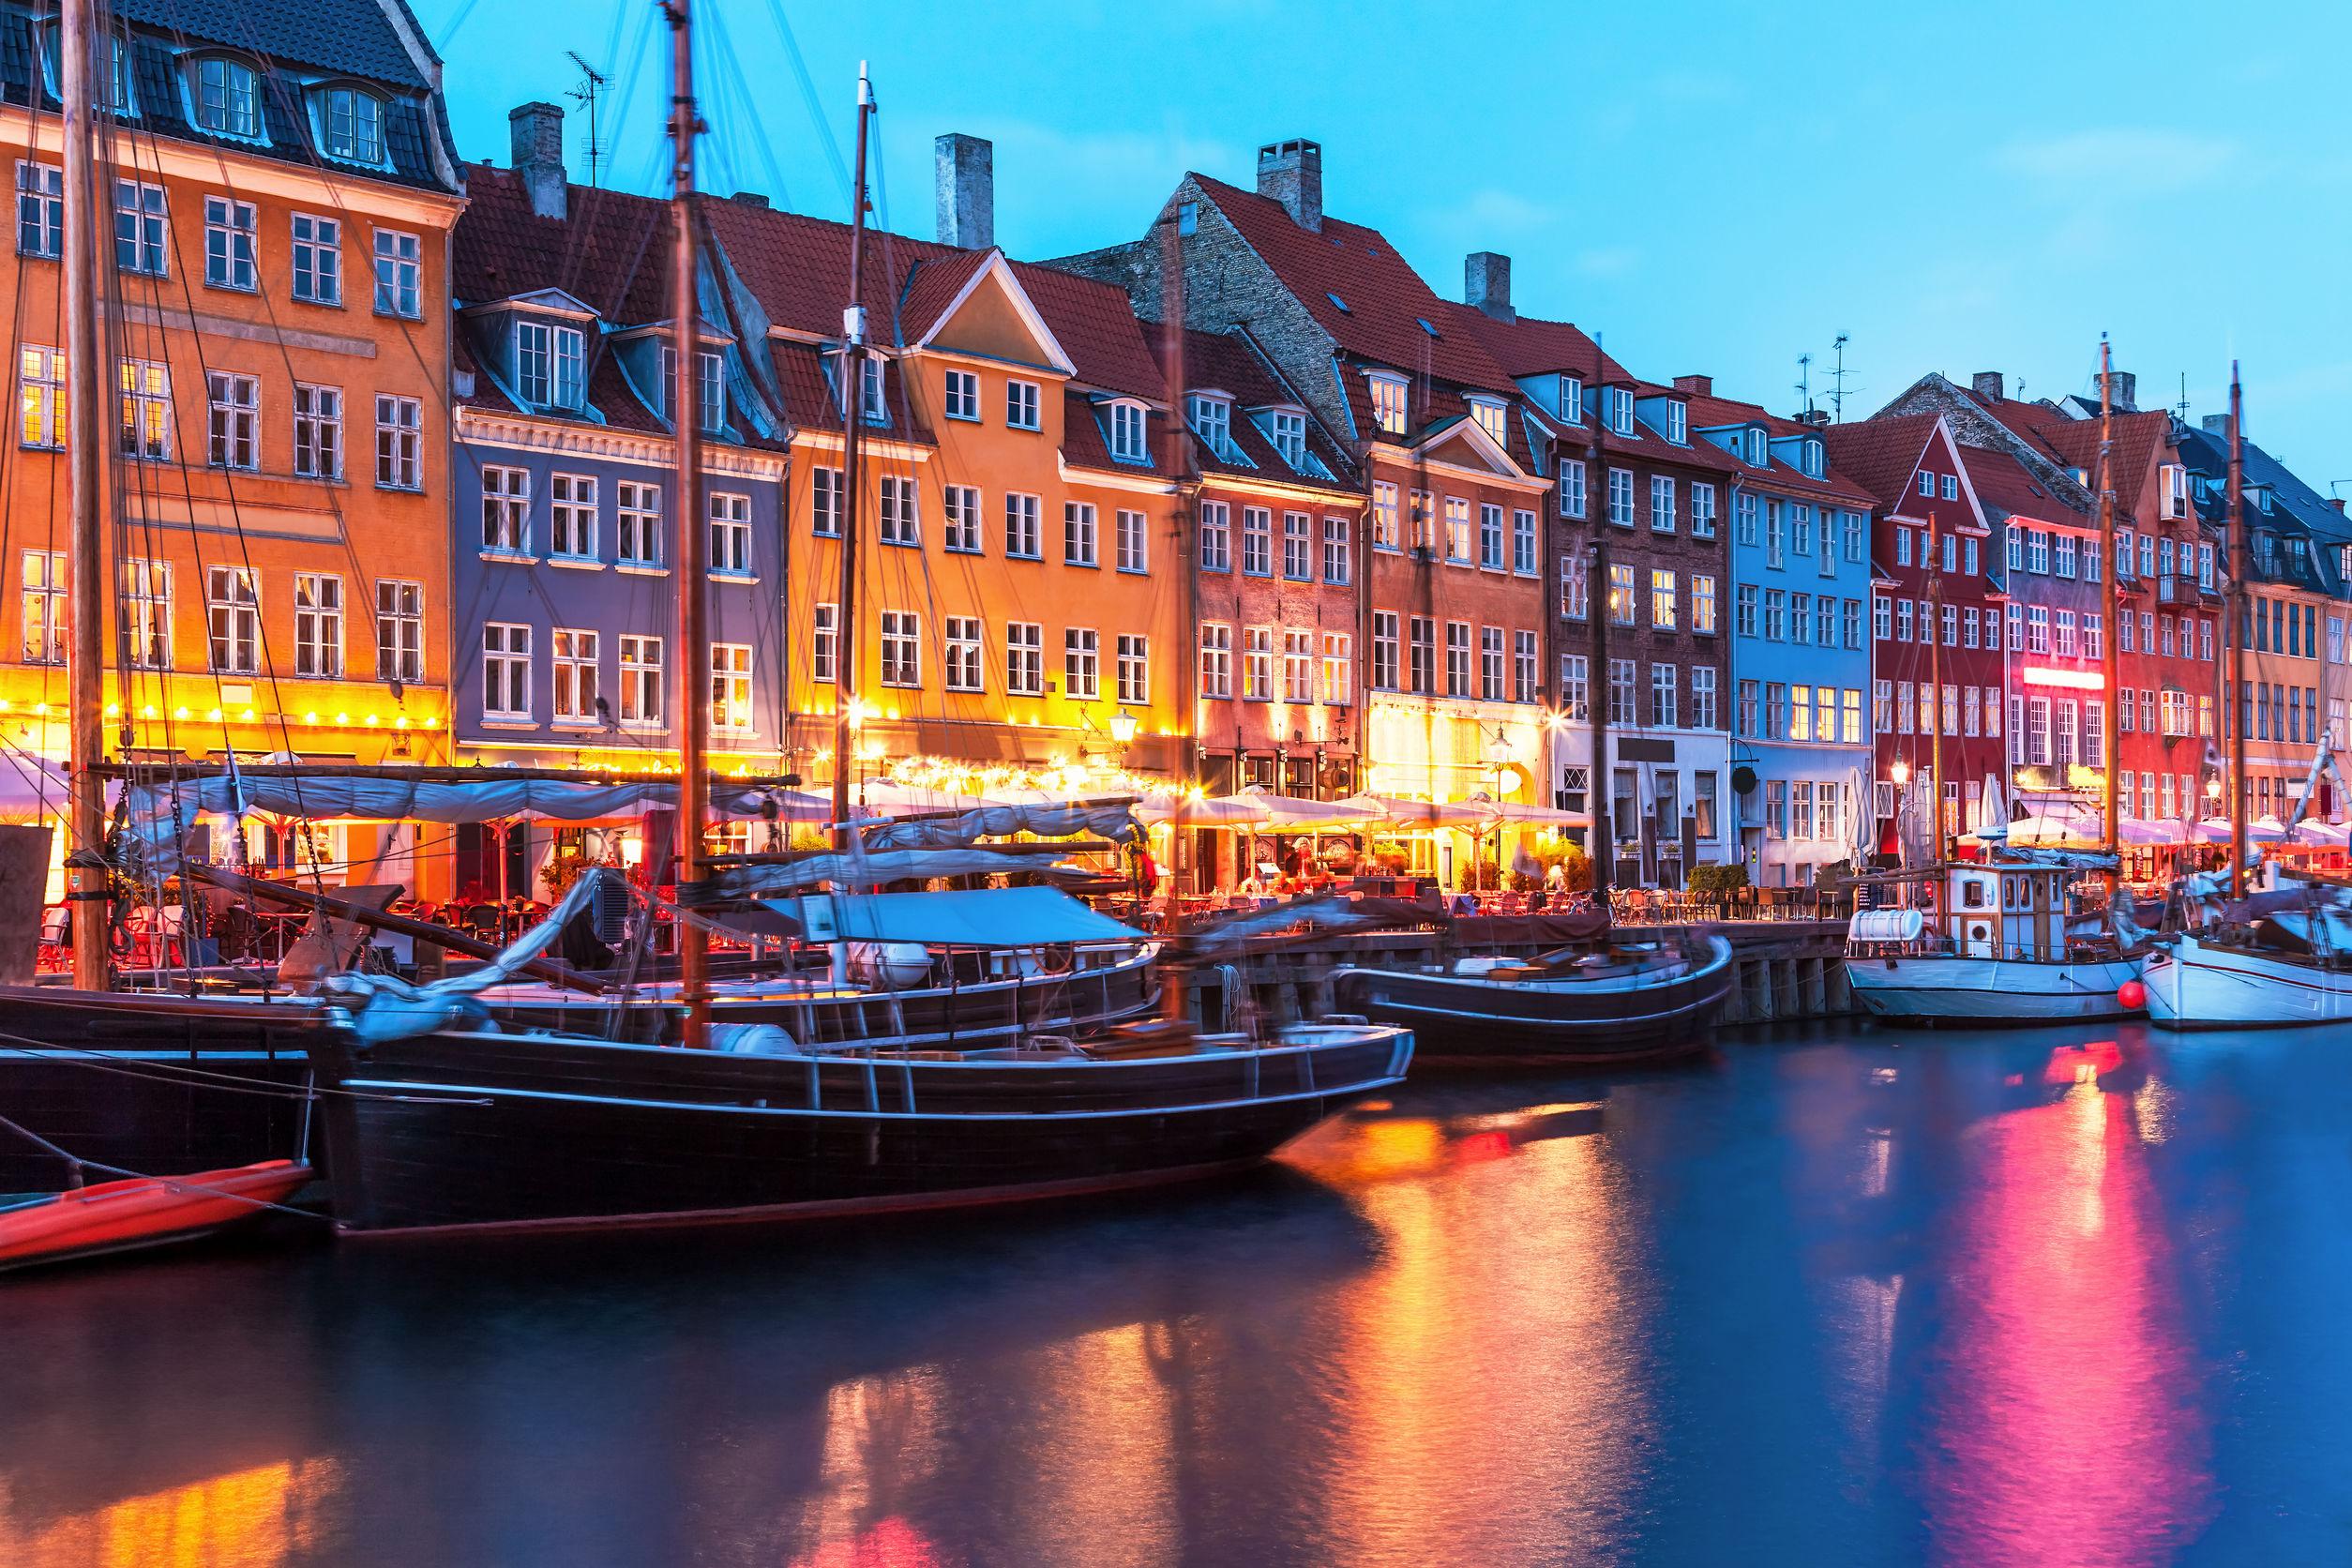 Städtereise Kopenhagen: Empfehlungen und Vergleich (09/20)